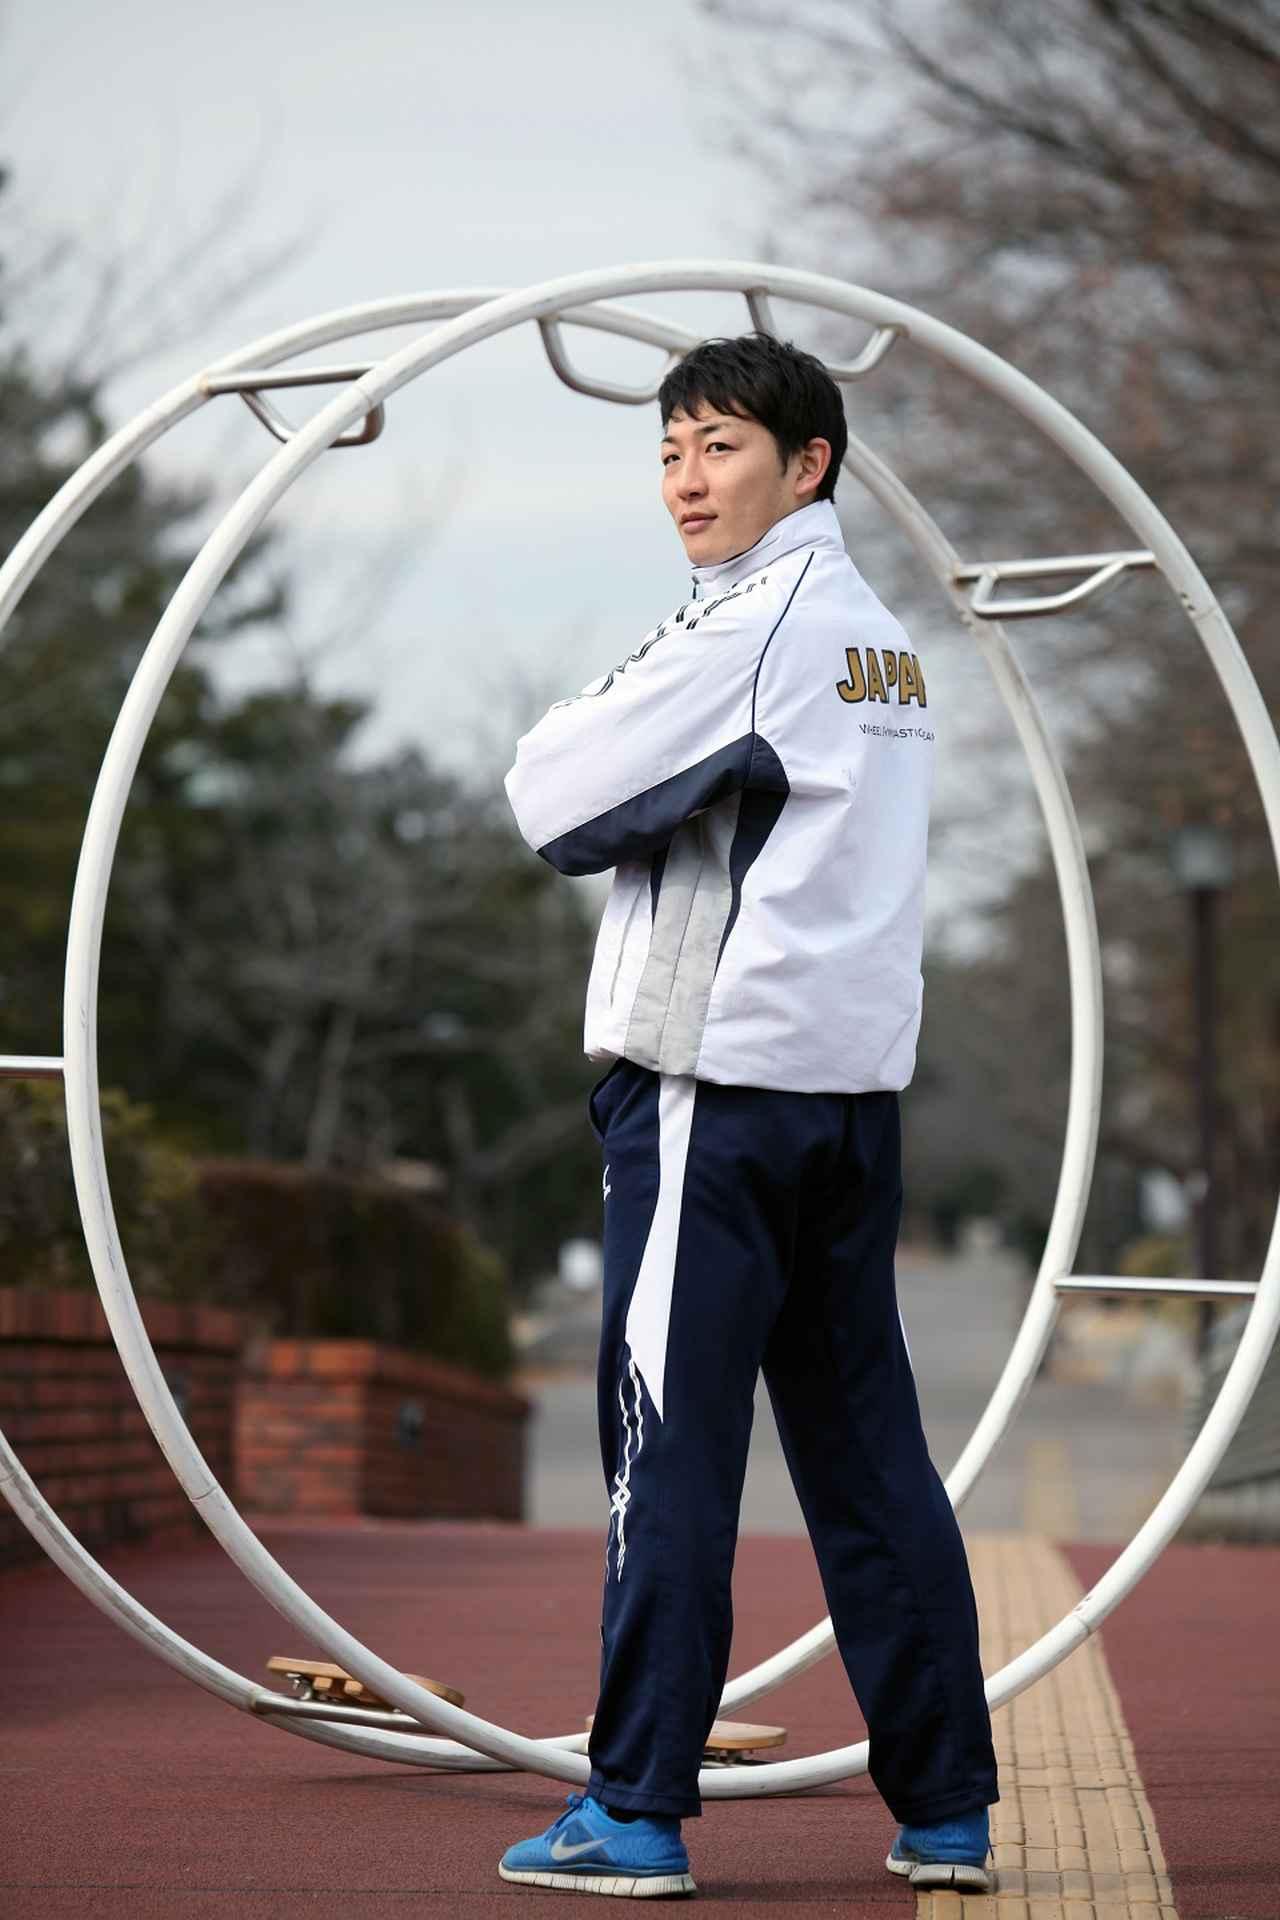 Images : 2番目の画像 - 「「つねに今の自分を超えたい」 ラート競技の世界一に輝く 髙橋靖彦」のアルバム - T JAPAN:The New York Times Style Magazine 公式サイト